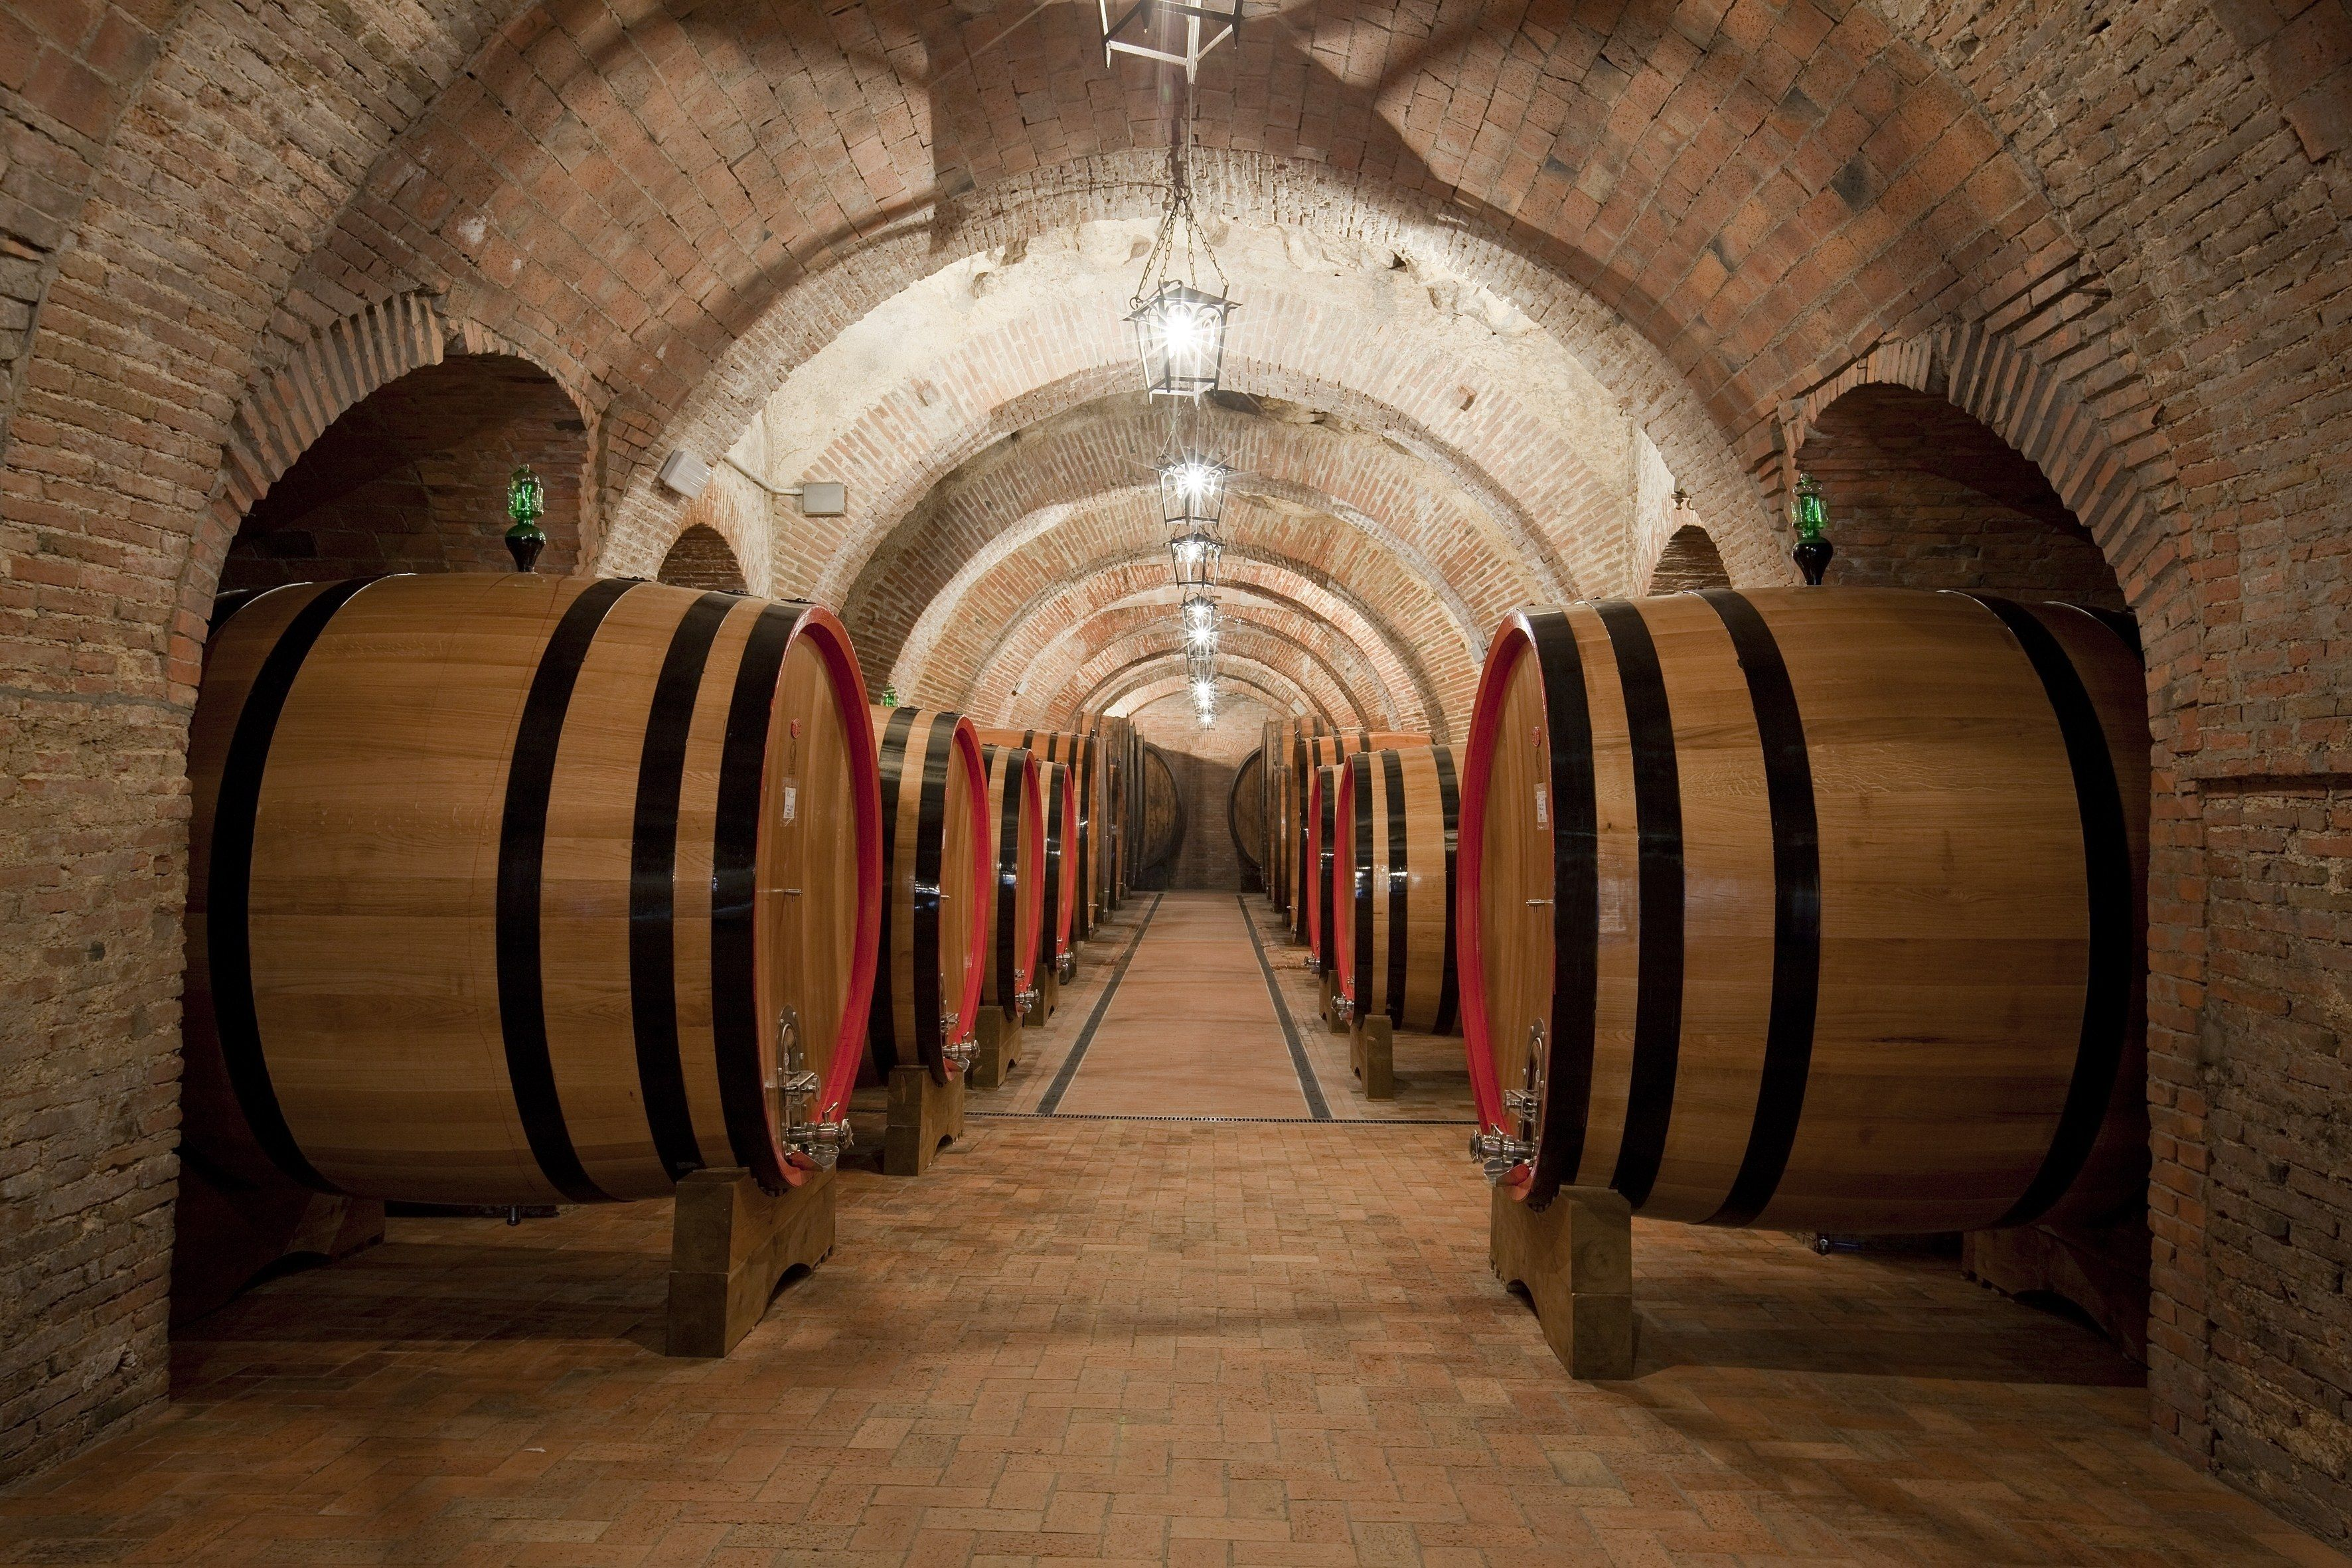 Cantina Fattoria della Talosa (Montepulciano, Italy): Hours, Address, Winery & Vineyard Reviews - TripAdvisor